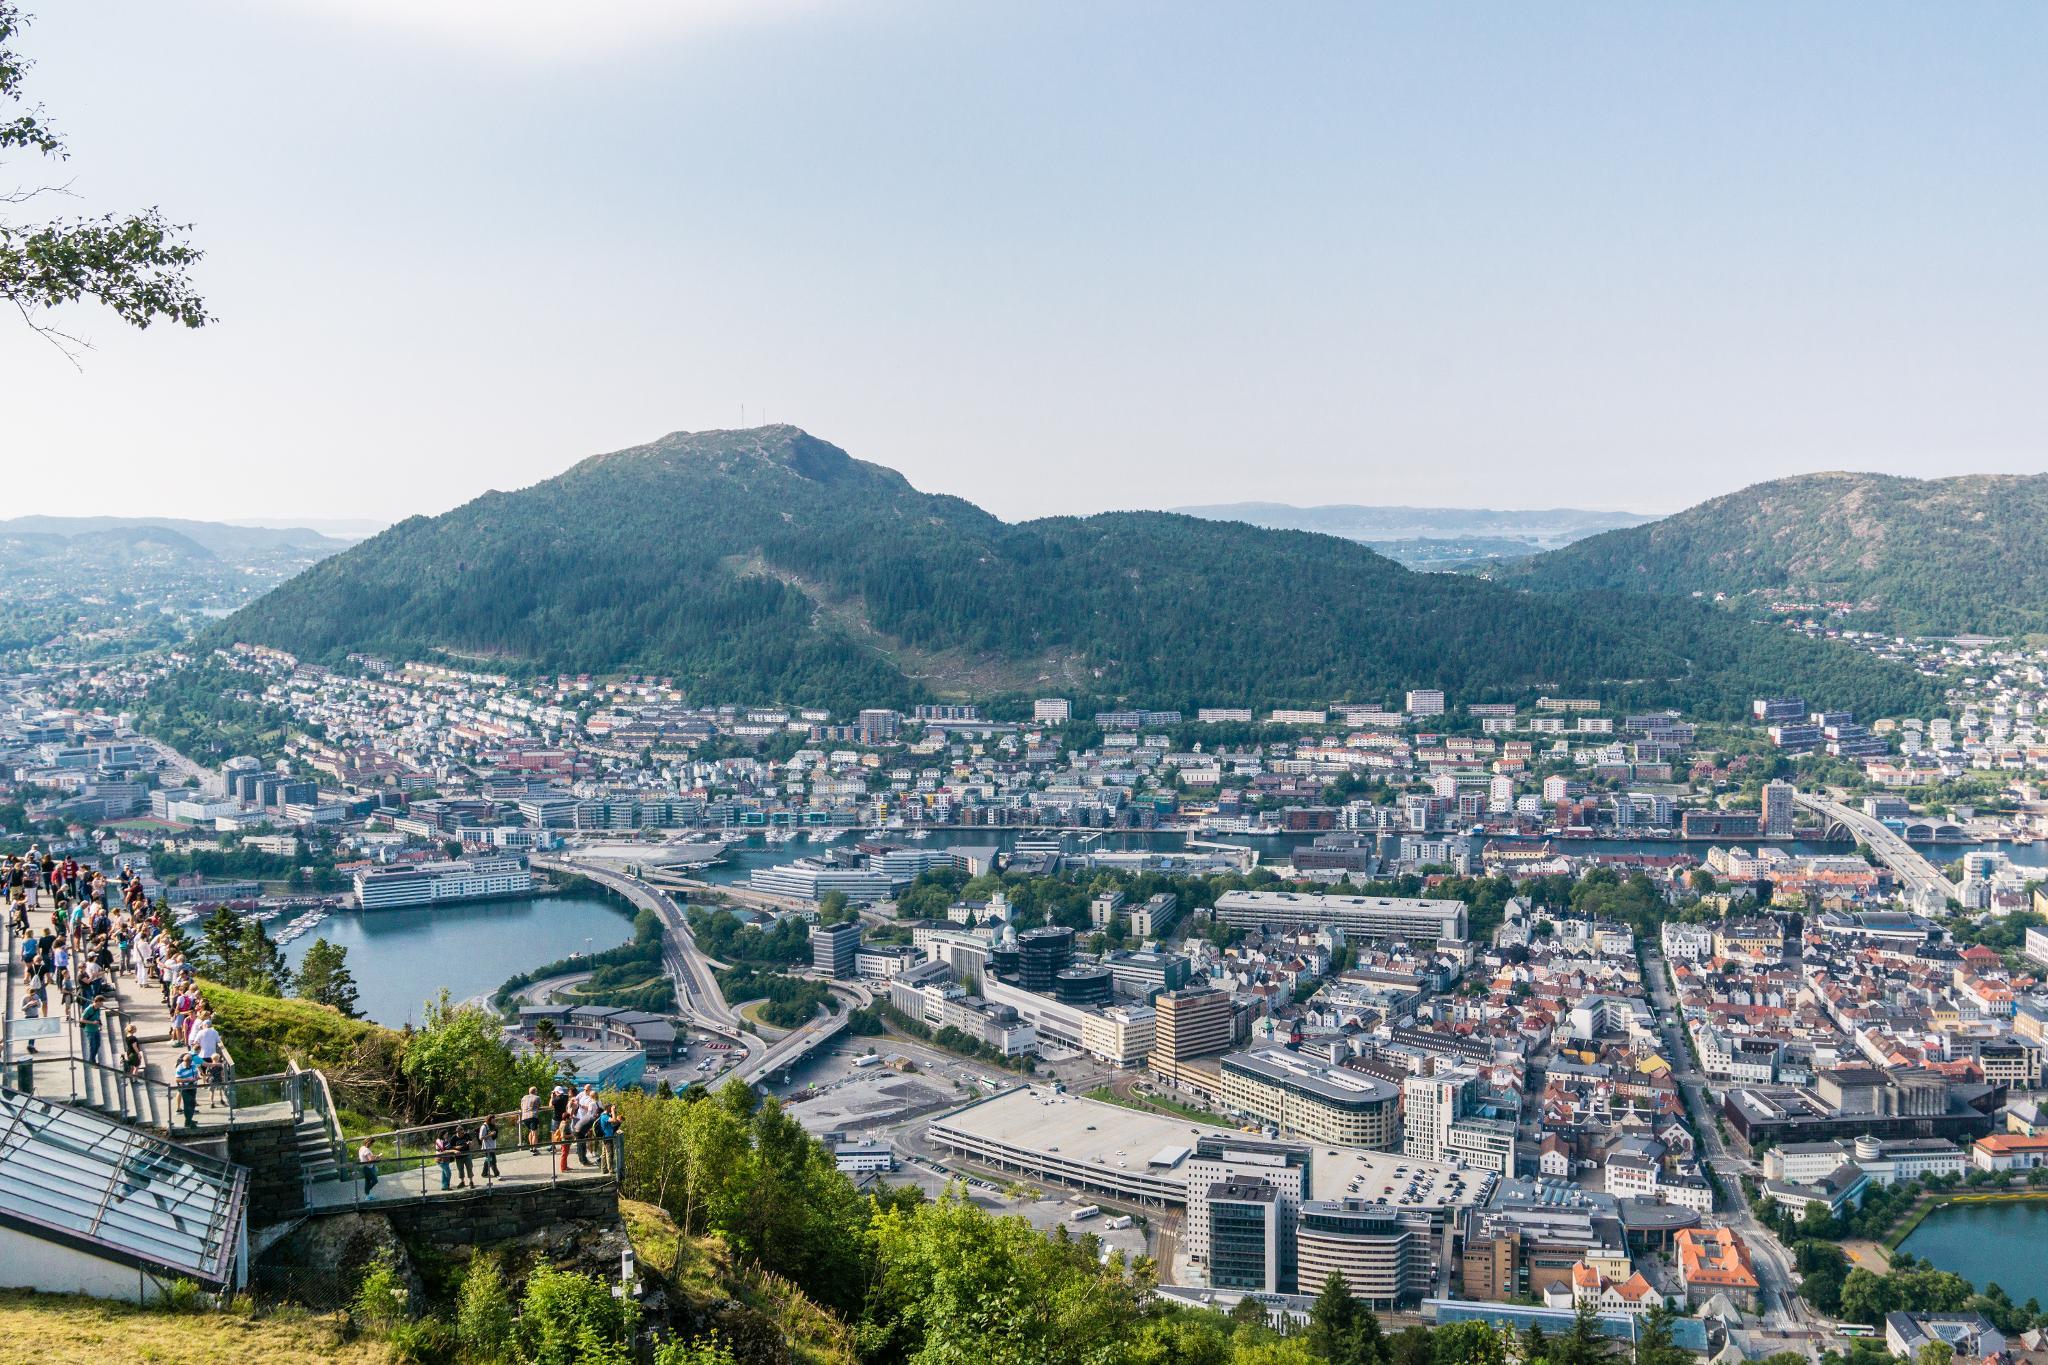 【卑爾根】超級震撼的隱藏版挪威景點 — Stoltzekleiven桑德維克斯石梯與Fløyen佛洛伊恩觀景台大縱走 33